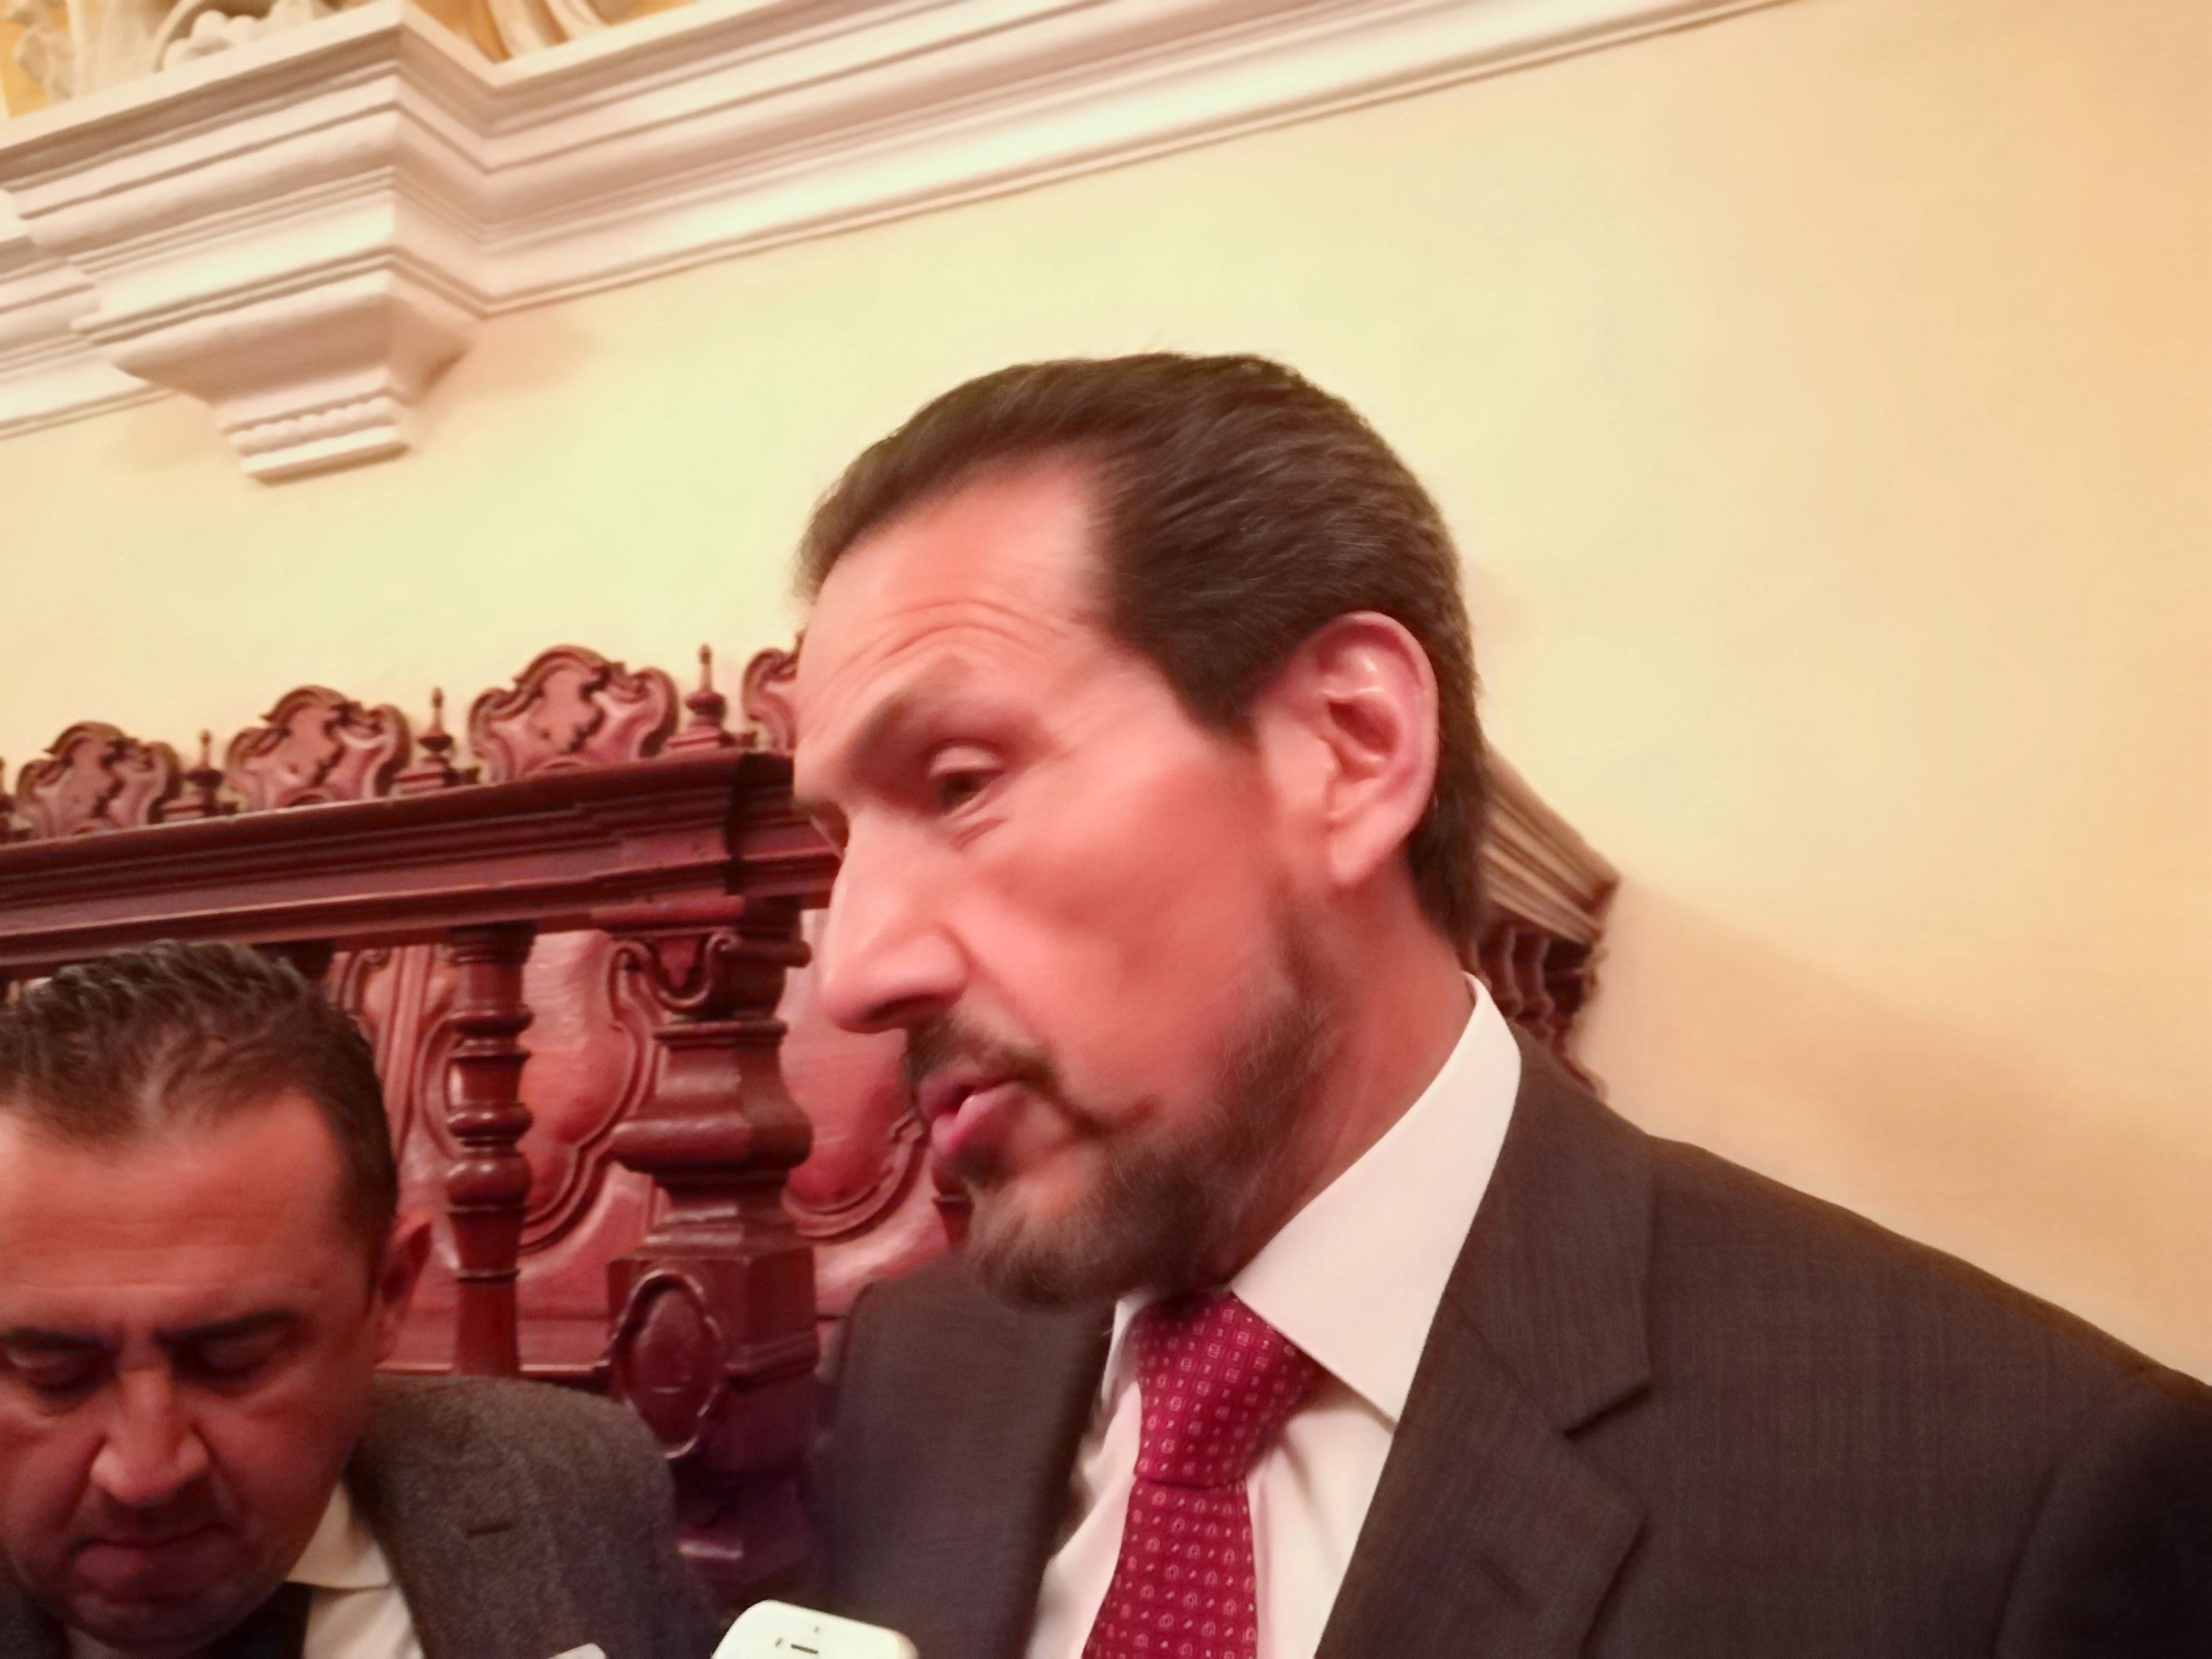 Con retraso, pero la BUAP ya recibió los recursos federales y estatales para la nómina: Alfonso Esparza